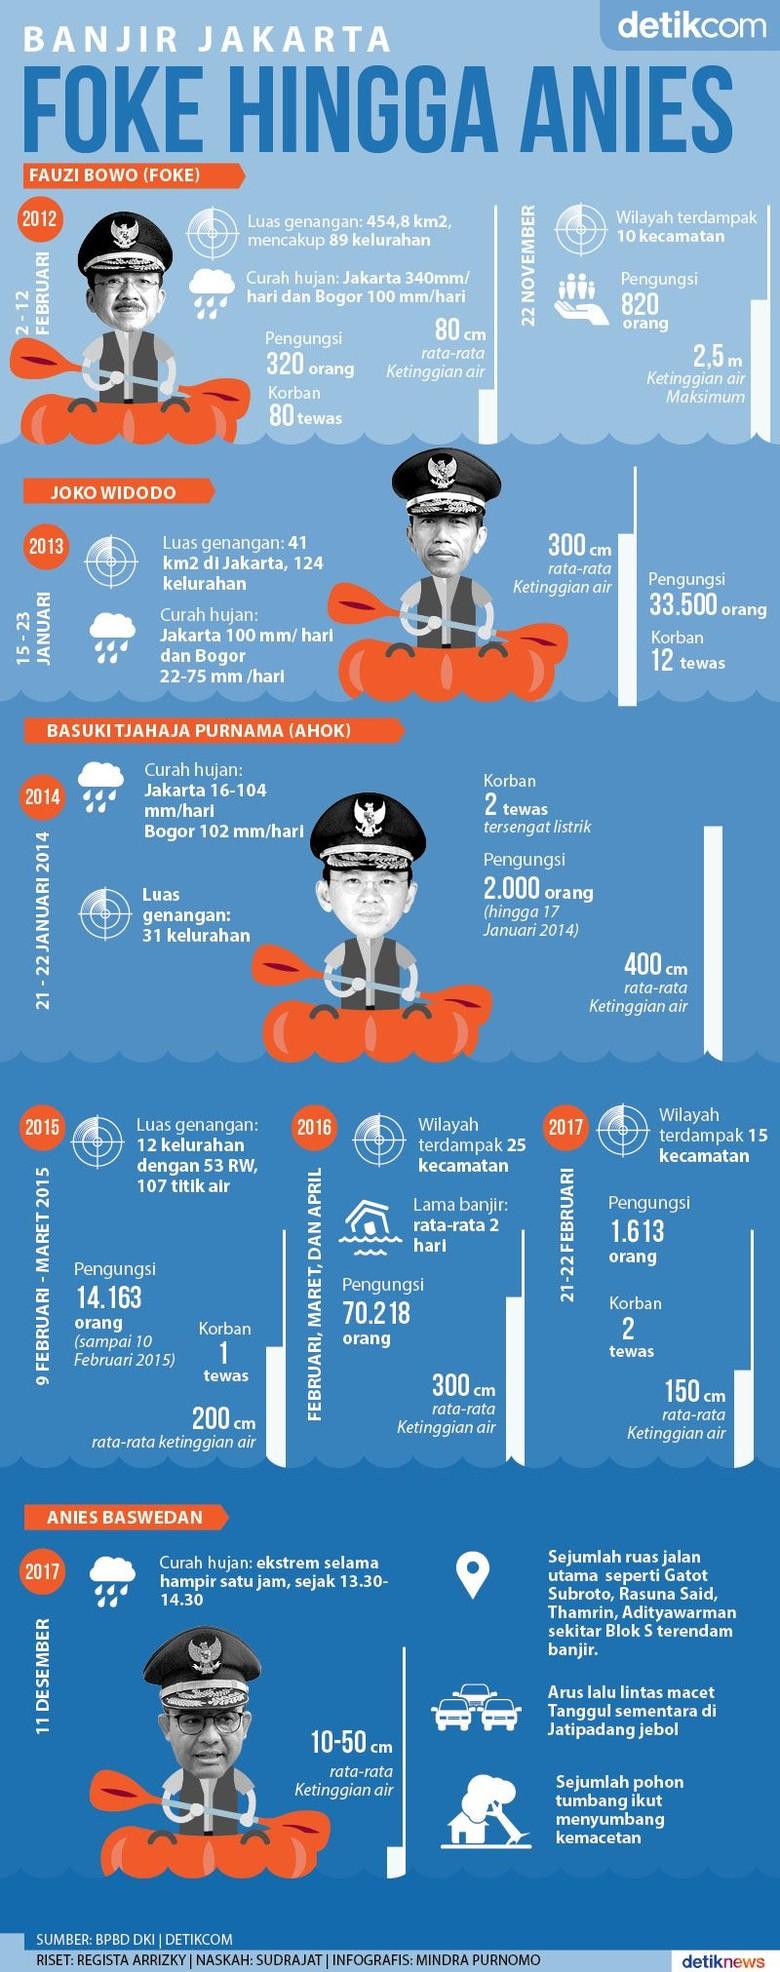 Empat Gubernur Jakarta Diterjang Banjir